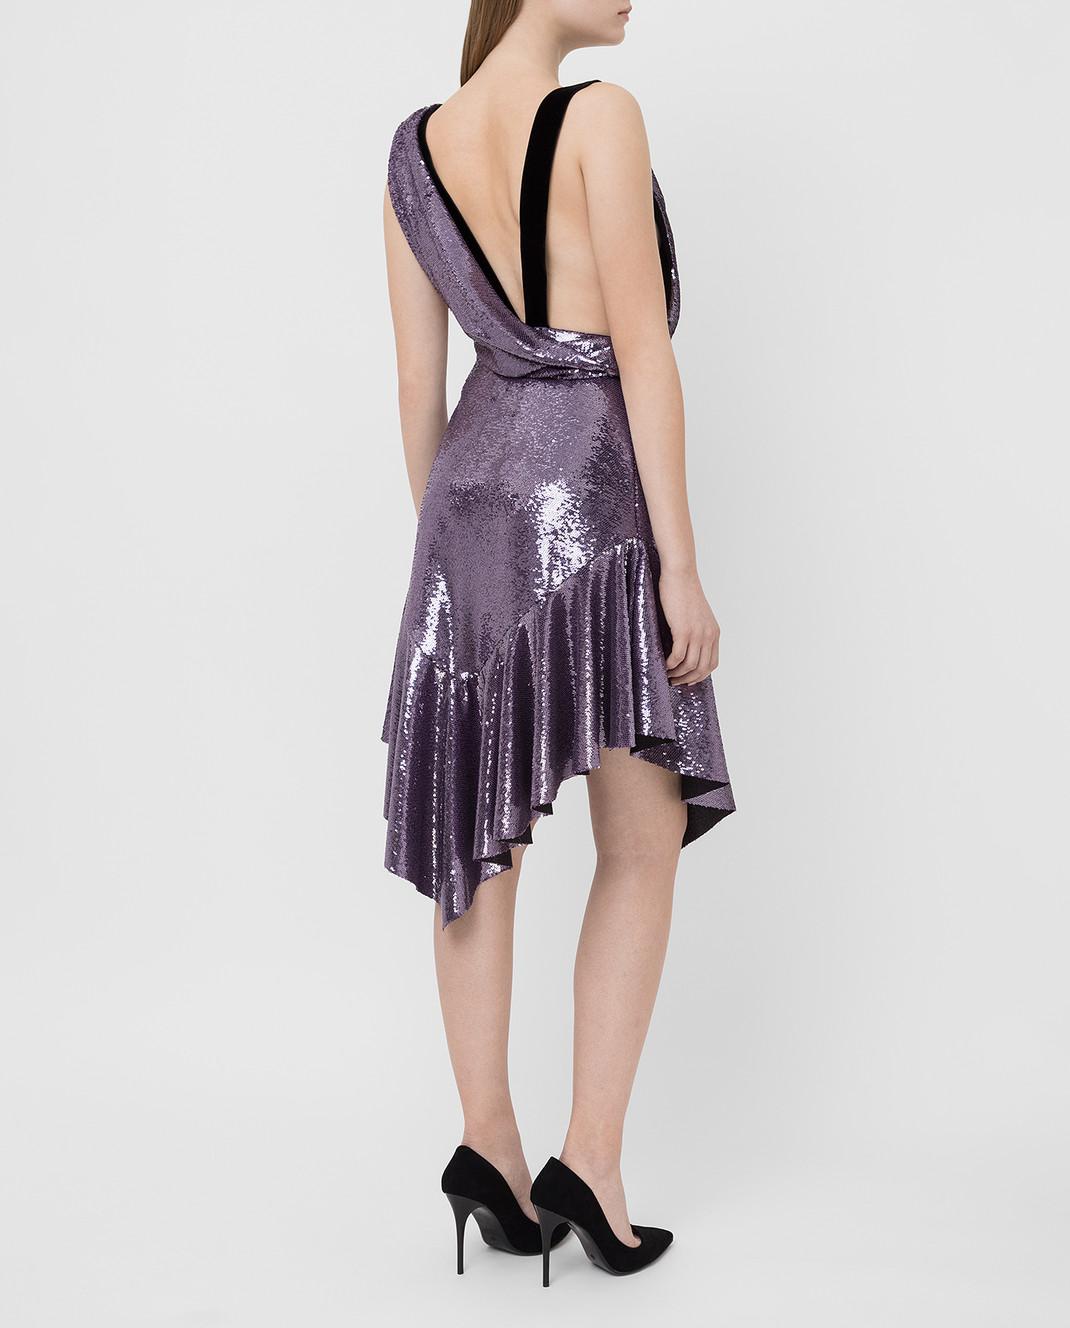 Philosophy di Lorenzo Serafini Фиолетовое платье в пайетках изображение 4